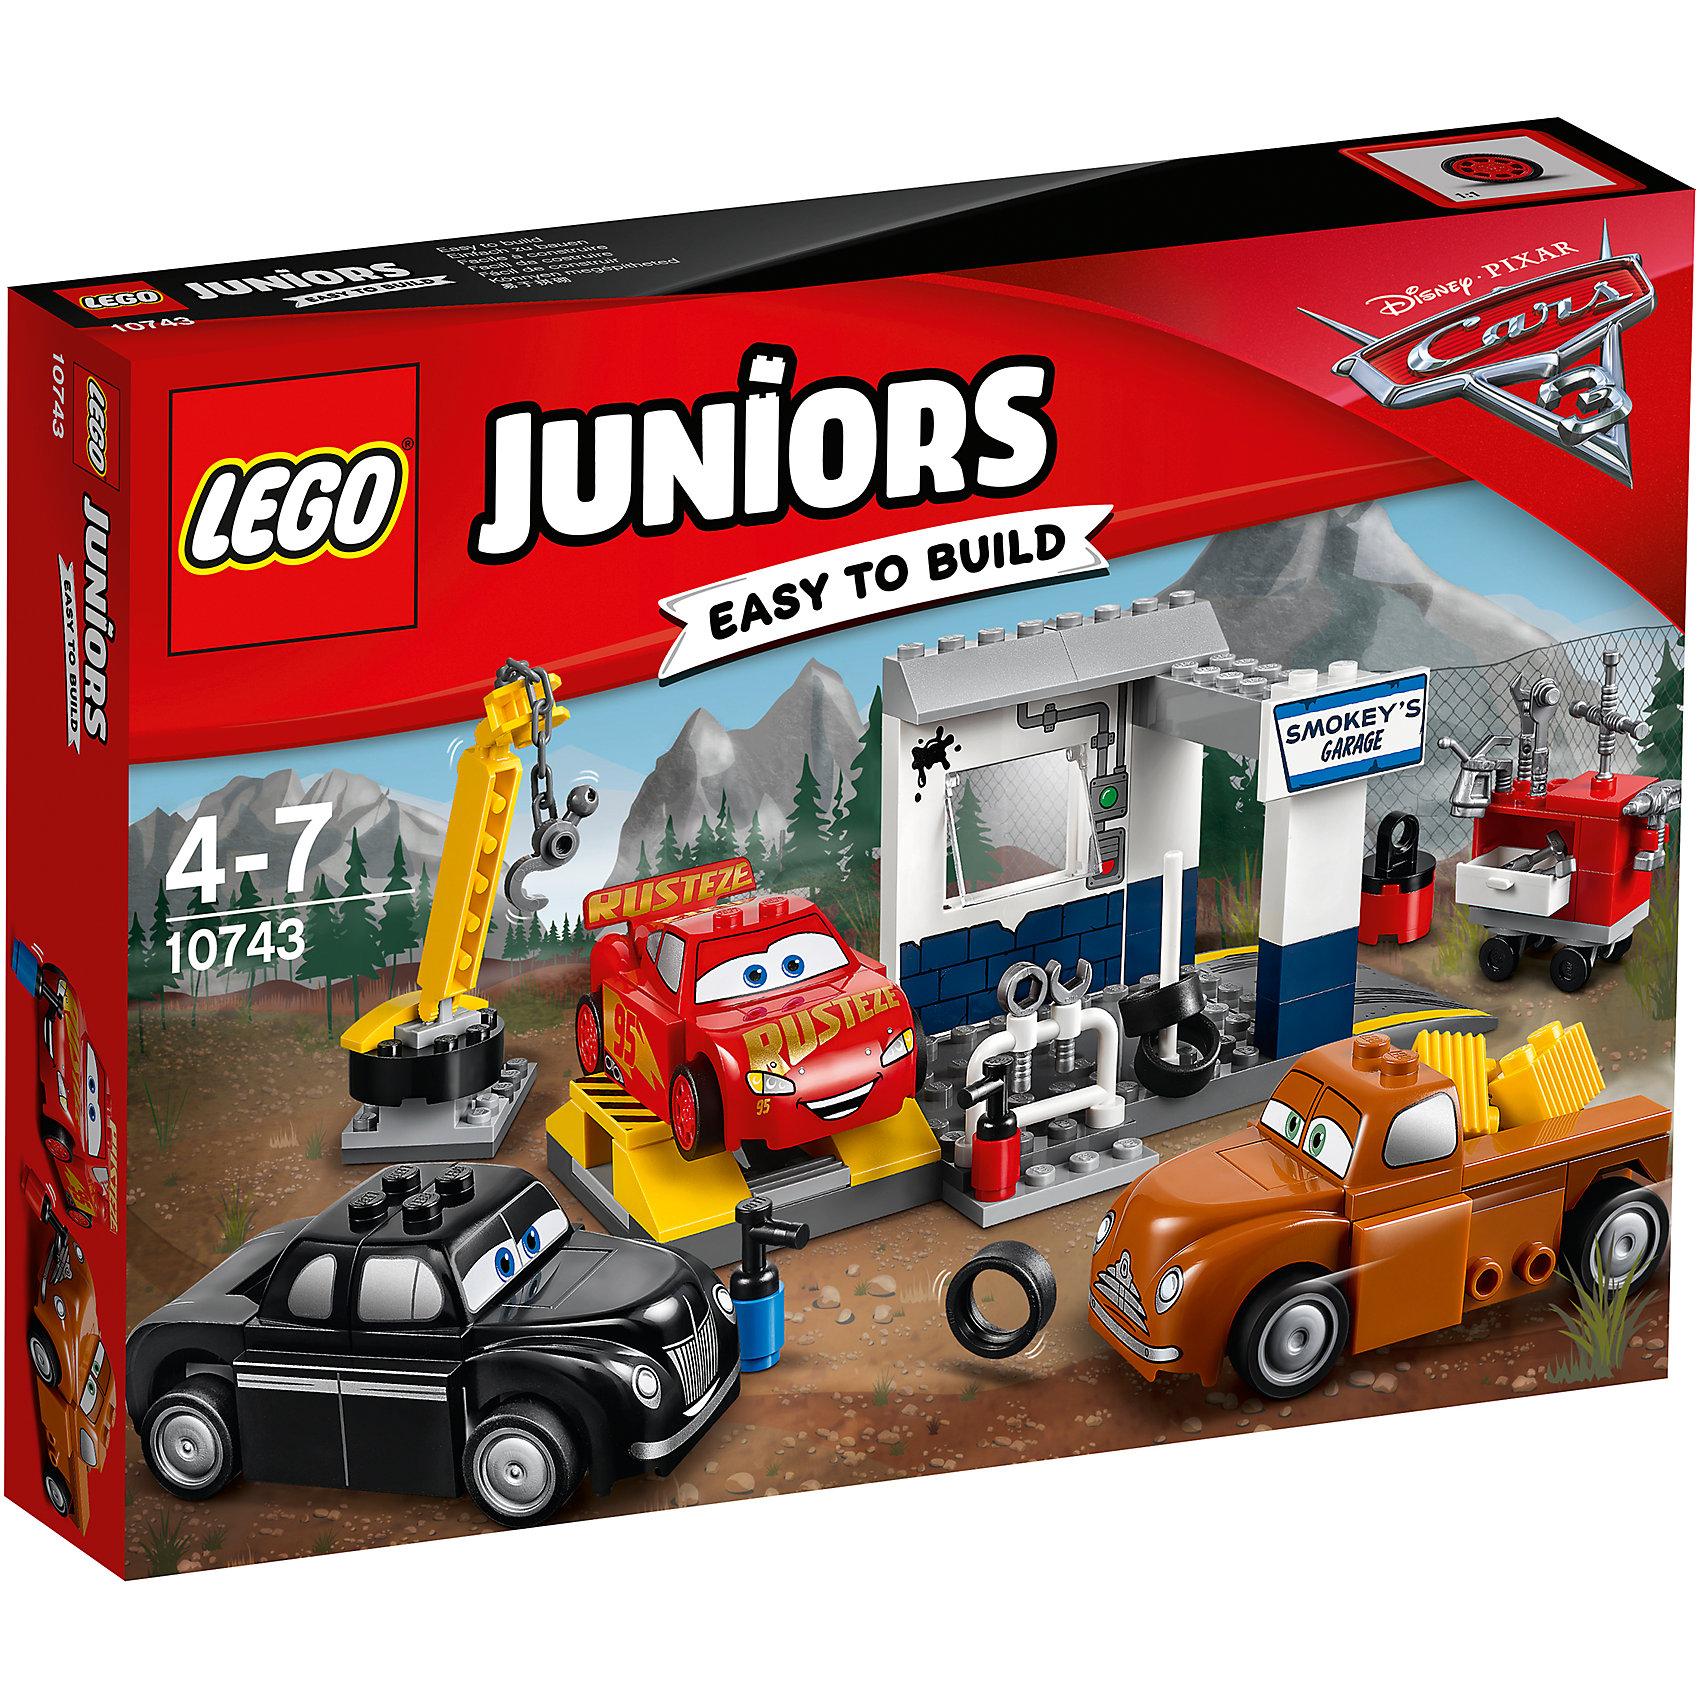 Конструктор LEGO Juniors 10743 Тачки 3: Гараж СмоукиПластмассовые конструкторы<br>Характеристики товара:<br><br>• возраст: от 4 лет;<br>• материал: пластик;<br>• в комплекте: 116 деталей, инструкция;<br>• размер упаковки: 26,2х19,1х4,6 см;<br>• вес упаковки: 305 гр.;<br>• страна производитель: Венгрия.<br><br>Конструктор Lego Juniors «Гараж Смоуки» создан по мотивам мультфильма «Тачки 3». Молния МакКуин тренируется и готовится к стартам вместе со Смоуки и Джуниором Муром. Они готовятся к гонке и исправляют неполадки в специальном гараже Смоуки. Тут они могут заменить шины, провести ремонт при помощи инструментов. Для перемещения тяжелых предметов используется кран с подвижной платформой и вращающимся крюком.<br><br>Из элементов предстоит собрать сразу 3 любимых персонажей, кран, гараж и ящик с инструментами. Все детали конструктора созданы из качественных безопасных материалов. В процессе сборки у ребенка развивается мелкая моторика рук, усидчивость, логическое мышление.<br><br>Конструктор Lego Juniors «Гараж Смоуки» можно приобрести в нашем интернет-магазине.<br><br>Ширина мм: 264<br>Глубина мм: 190<br>Высота мм: 53<br>Вес г: 306<br>Возраст от месяцев: 48<br>Возраст до месяцев: 2147483647<br>Пол: Мужской<br>Возраст: Детский<br>SKU: 5620059